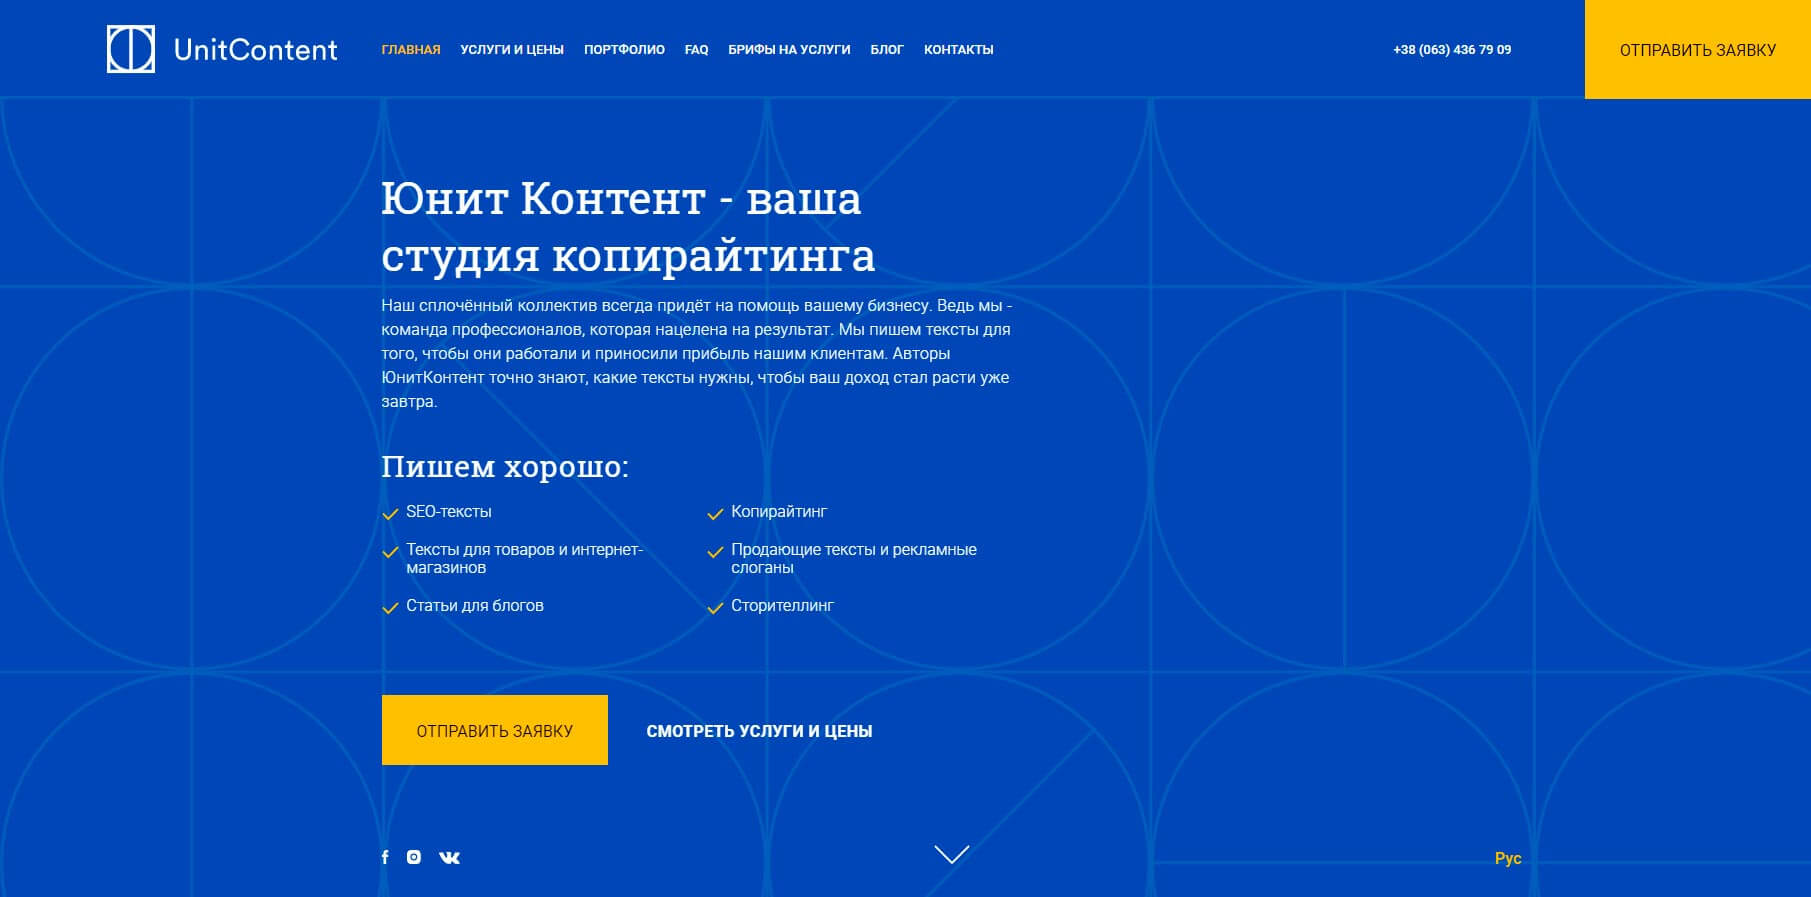 ЮнитКонтент - обзор компании, услуги, отзывы, клиенты, Фото № 1 - google-seo.pro